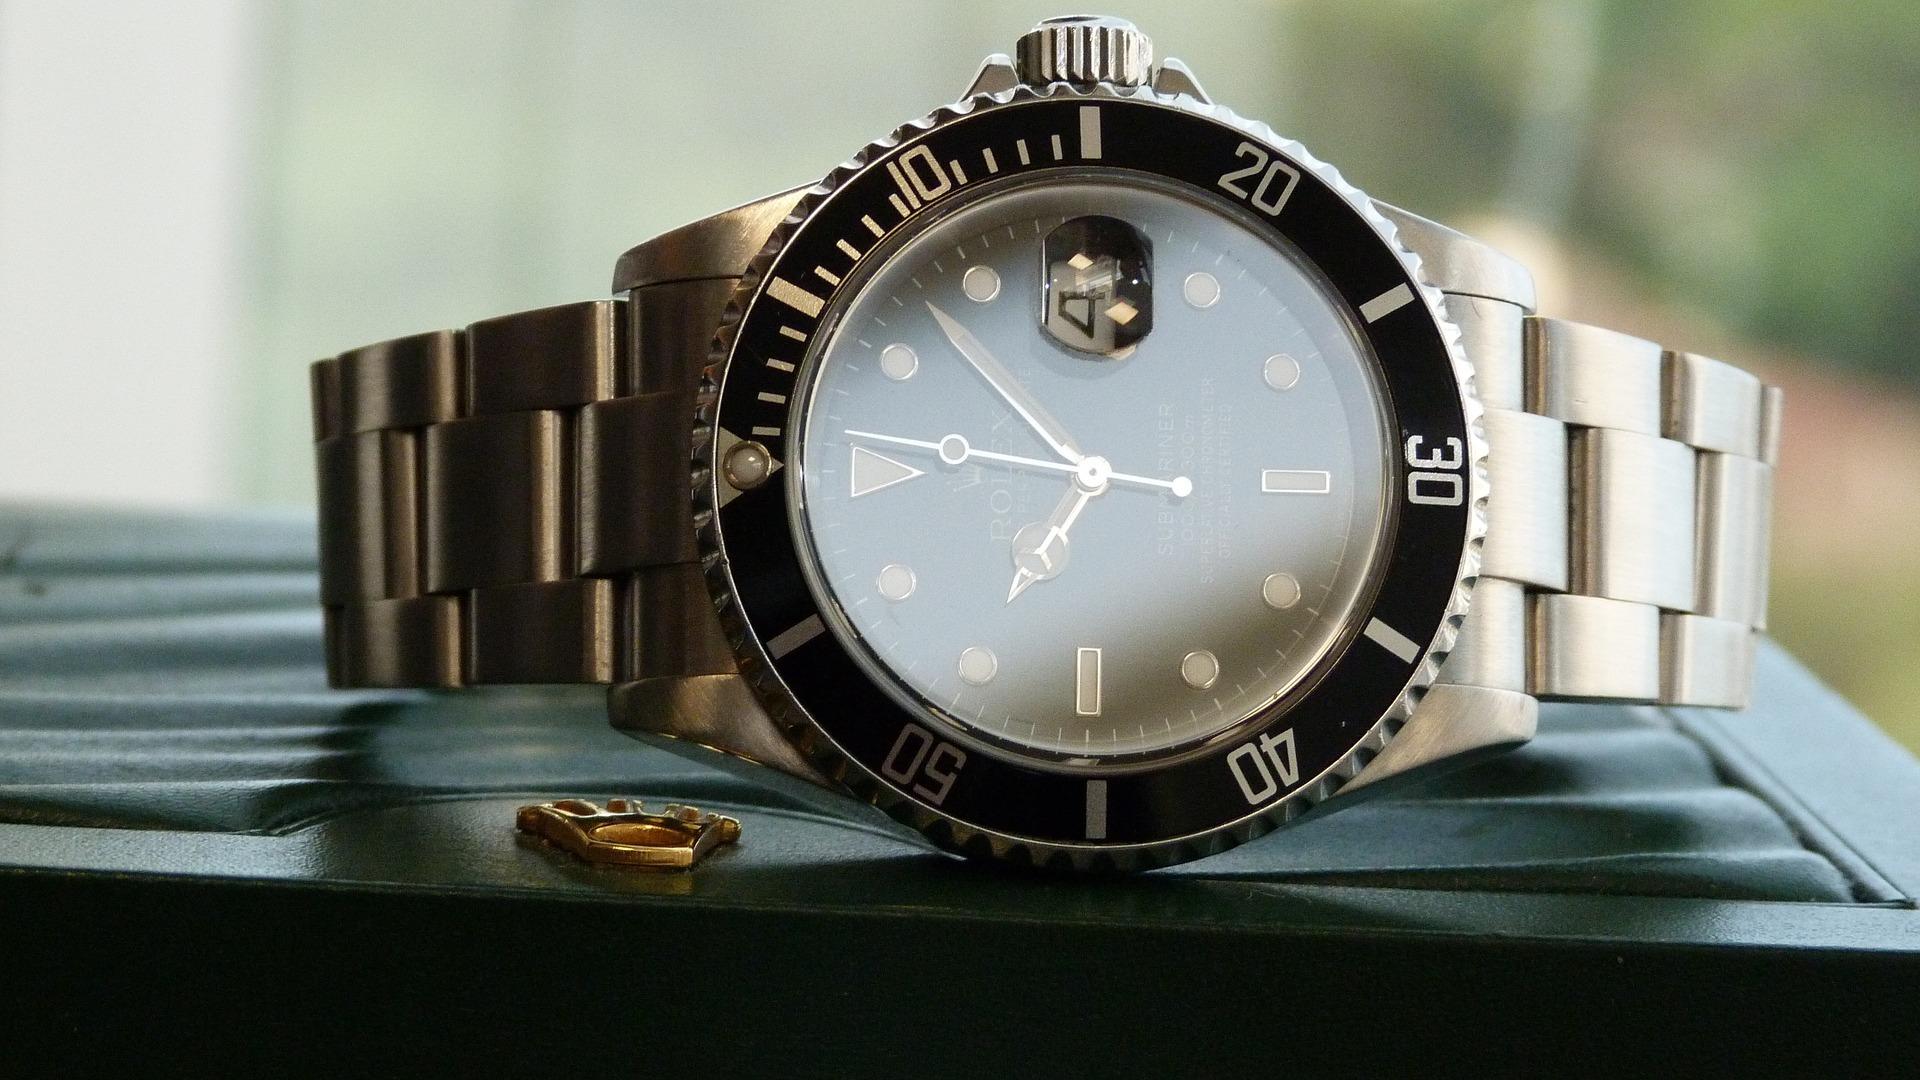 Rolex Uhren Preise auf